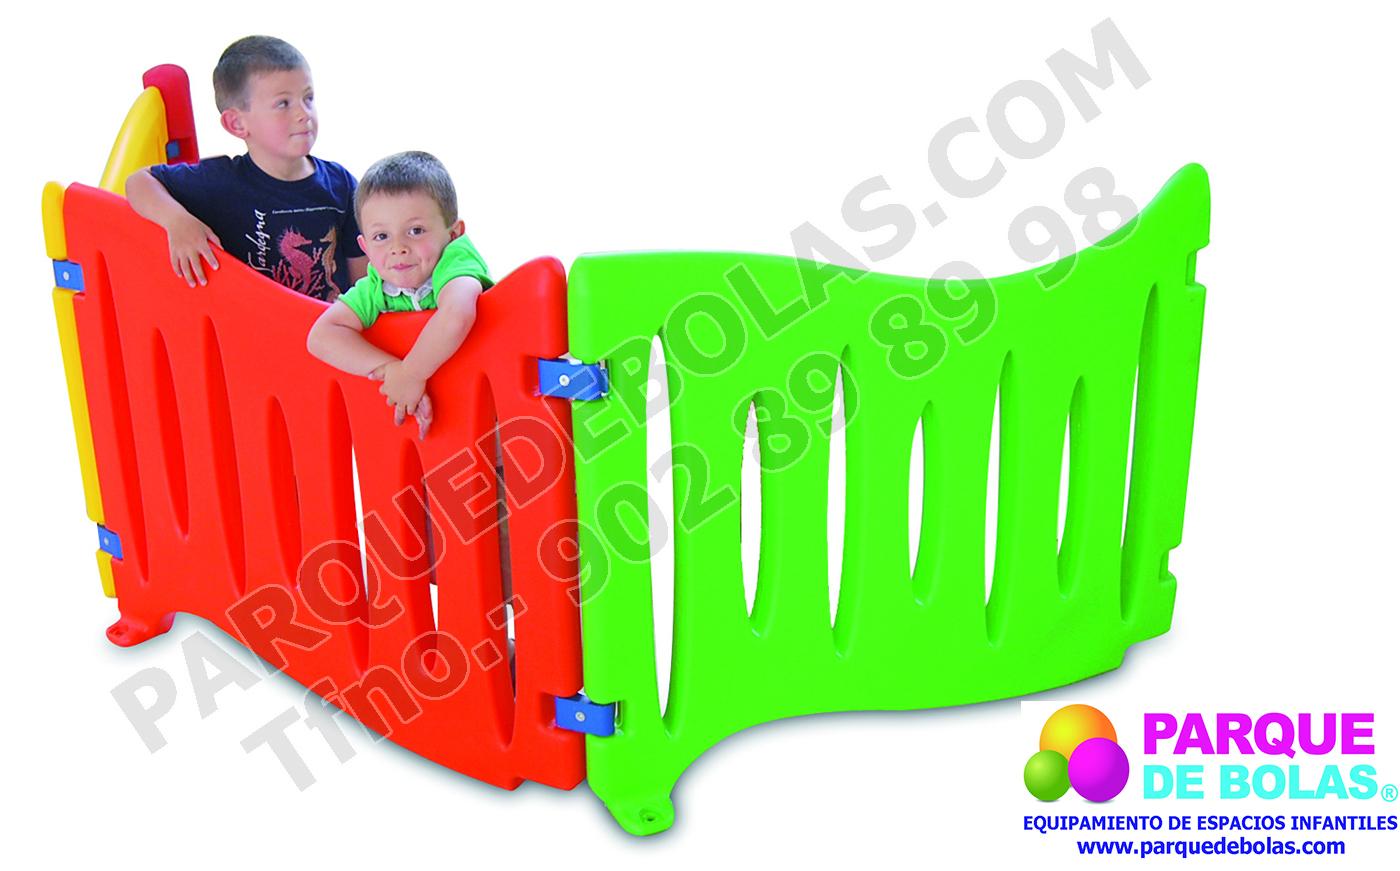 http://www.parquedebolas.com/images/productos/peq/valladoplasticoc.jpg